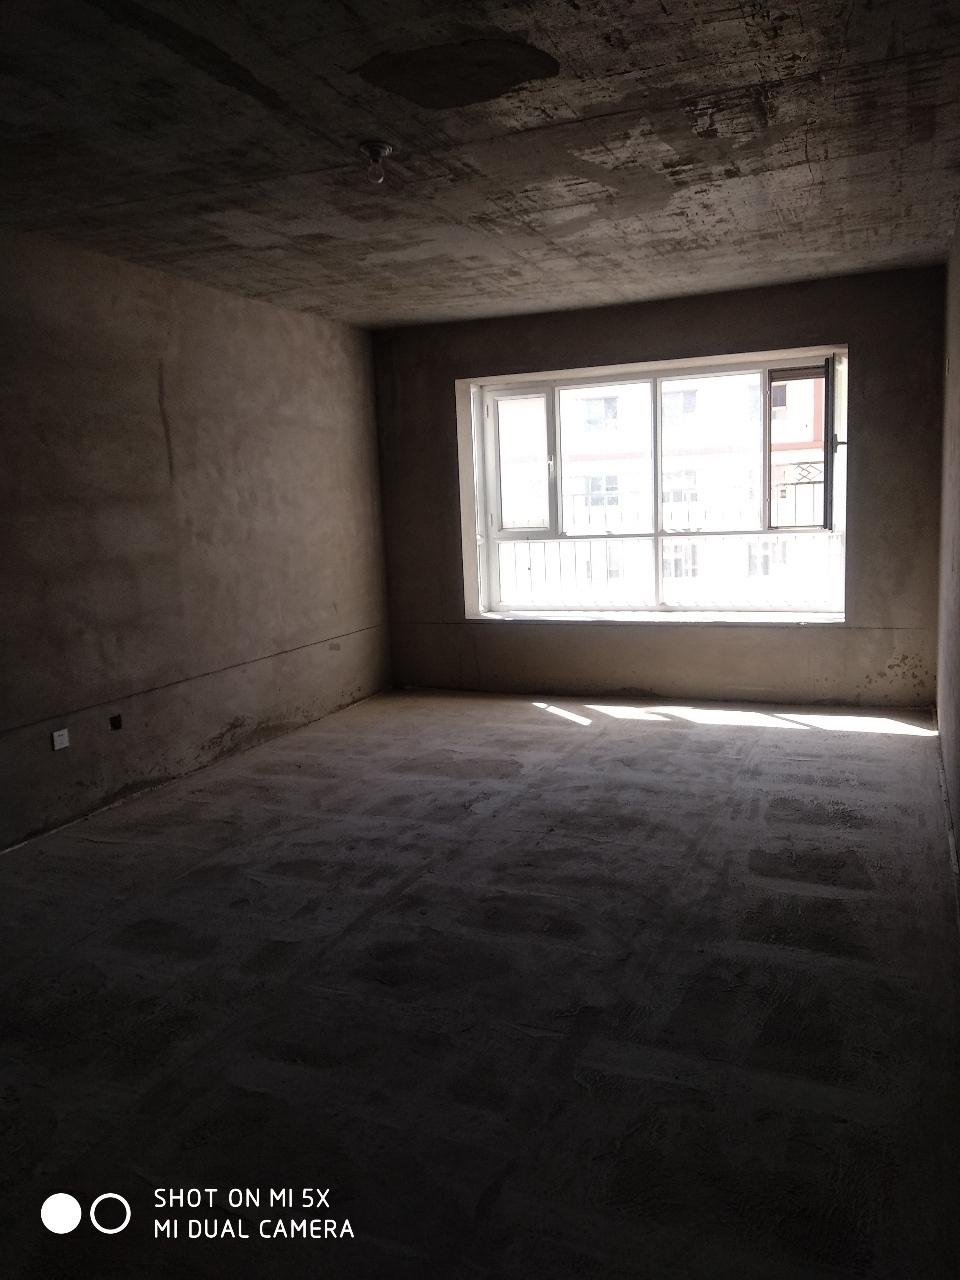 石化十字附近新房按揭急售2室 2厅 1卫51.8万元